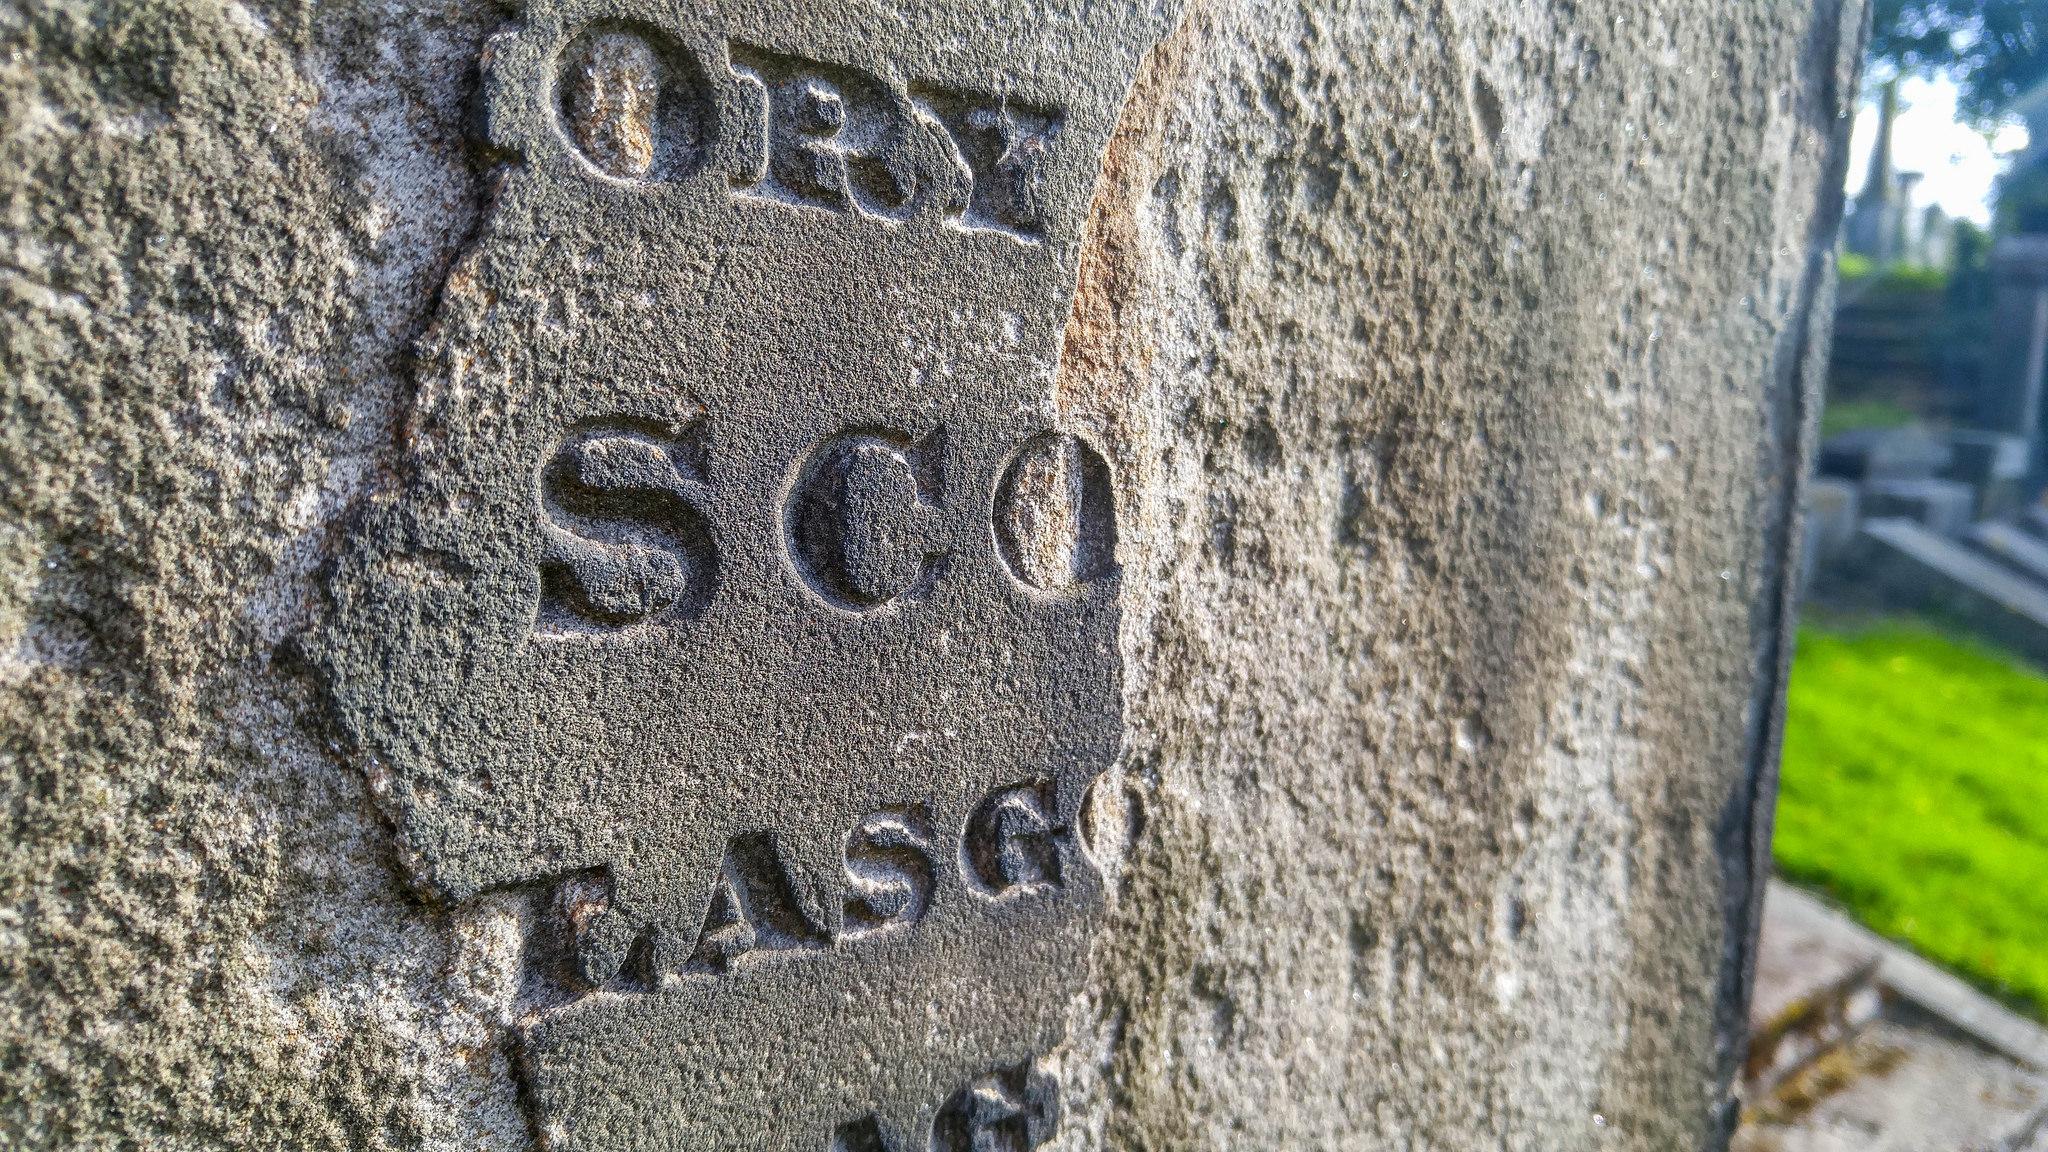 Guide to the Glasgow Necropolis